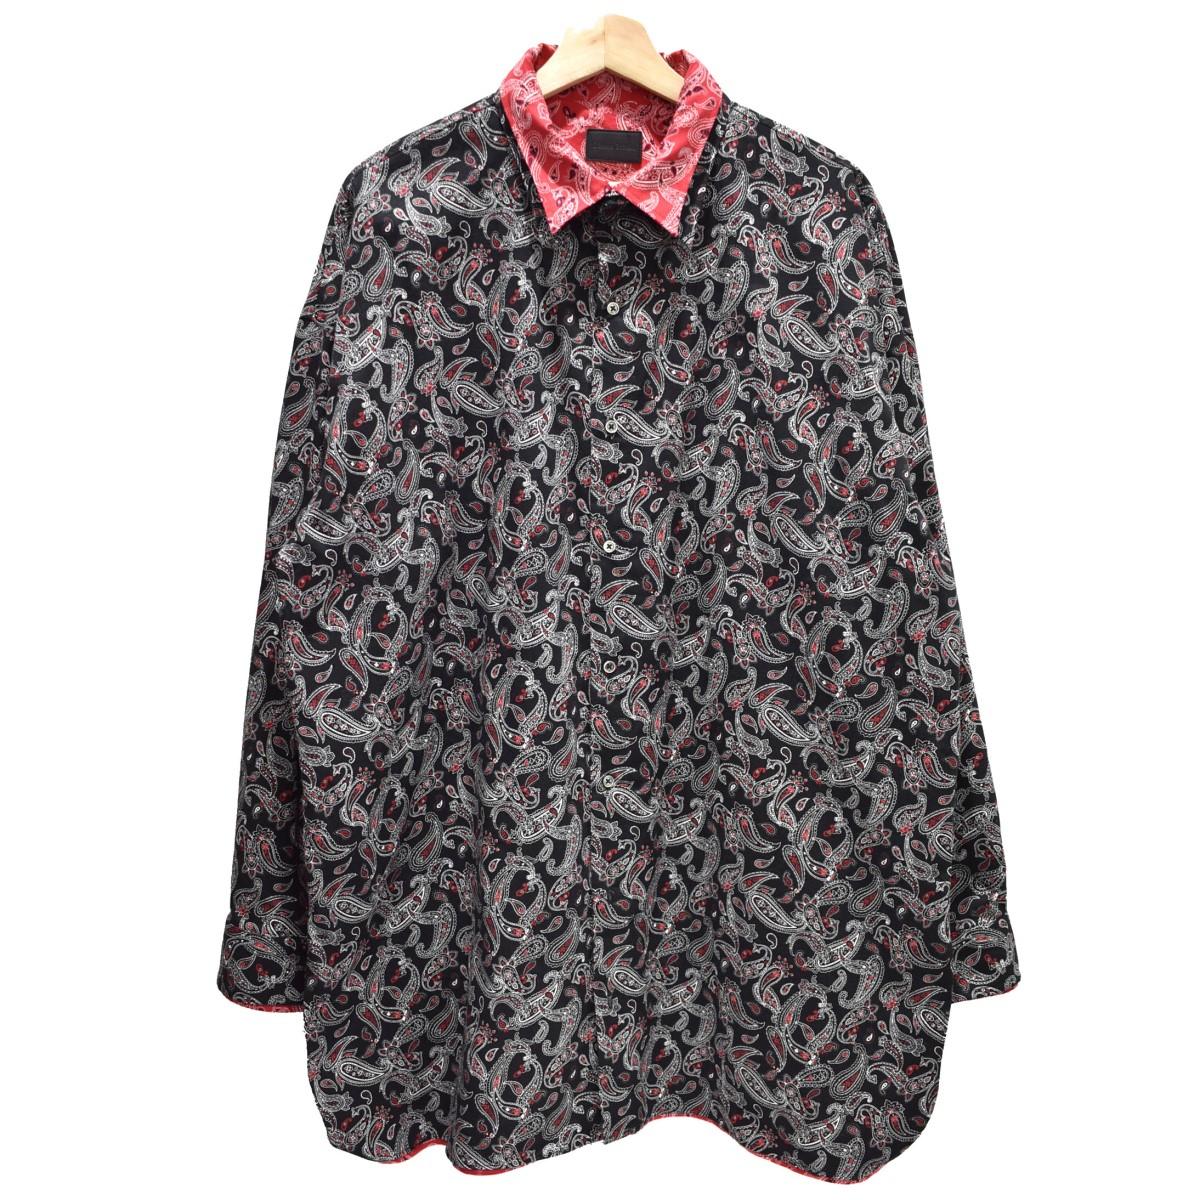 【中古】Danke schon ペイズリーレイヤードシャツ 長袖シャツ レッド×ブラック サイズ:FREE 【200320】(ダンケシェーン)